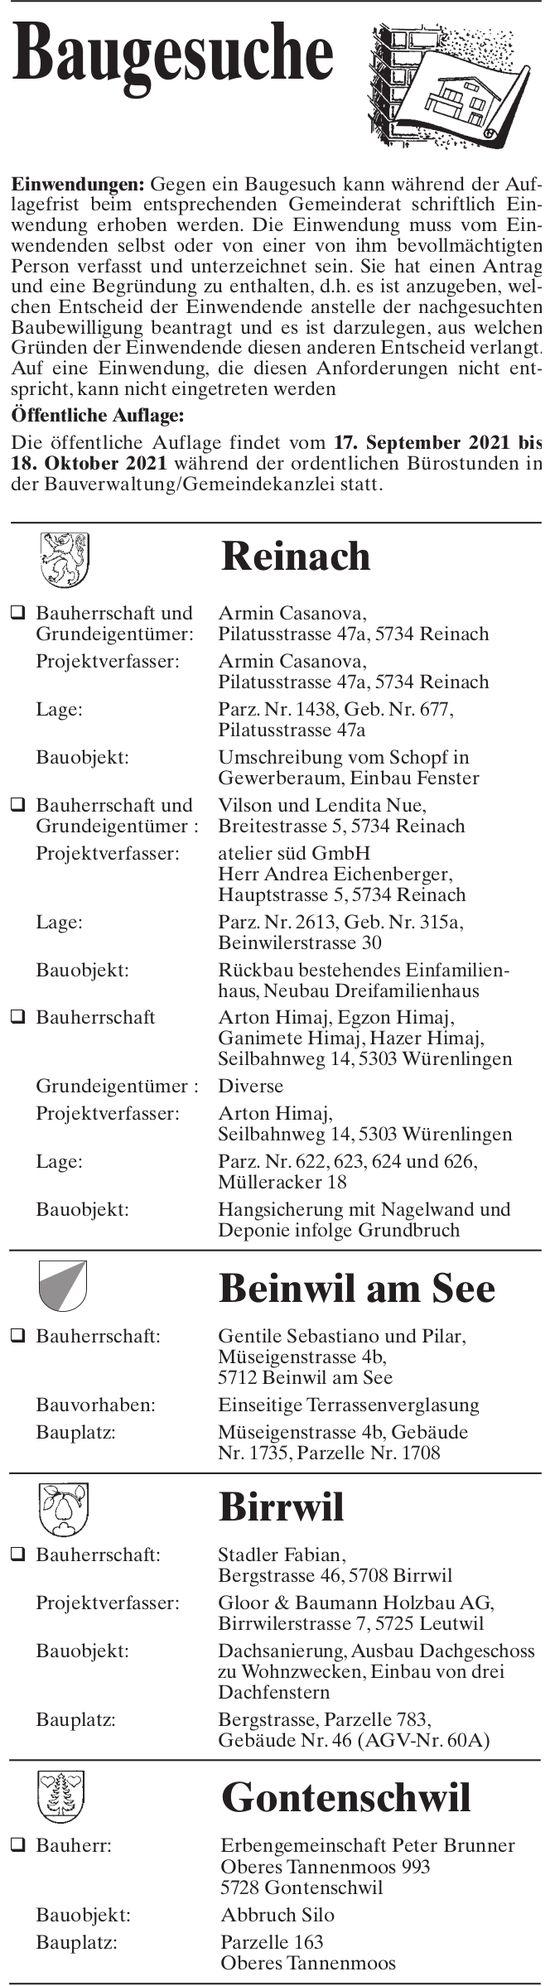 Baugesuche - Reinach, Beinwil am See, Birrwil & Gontenschwil